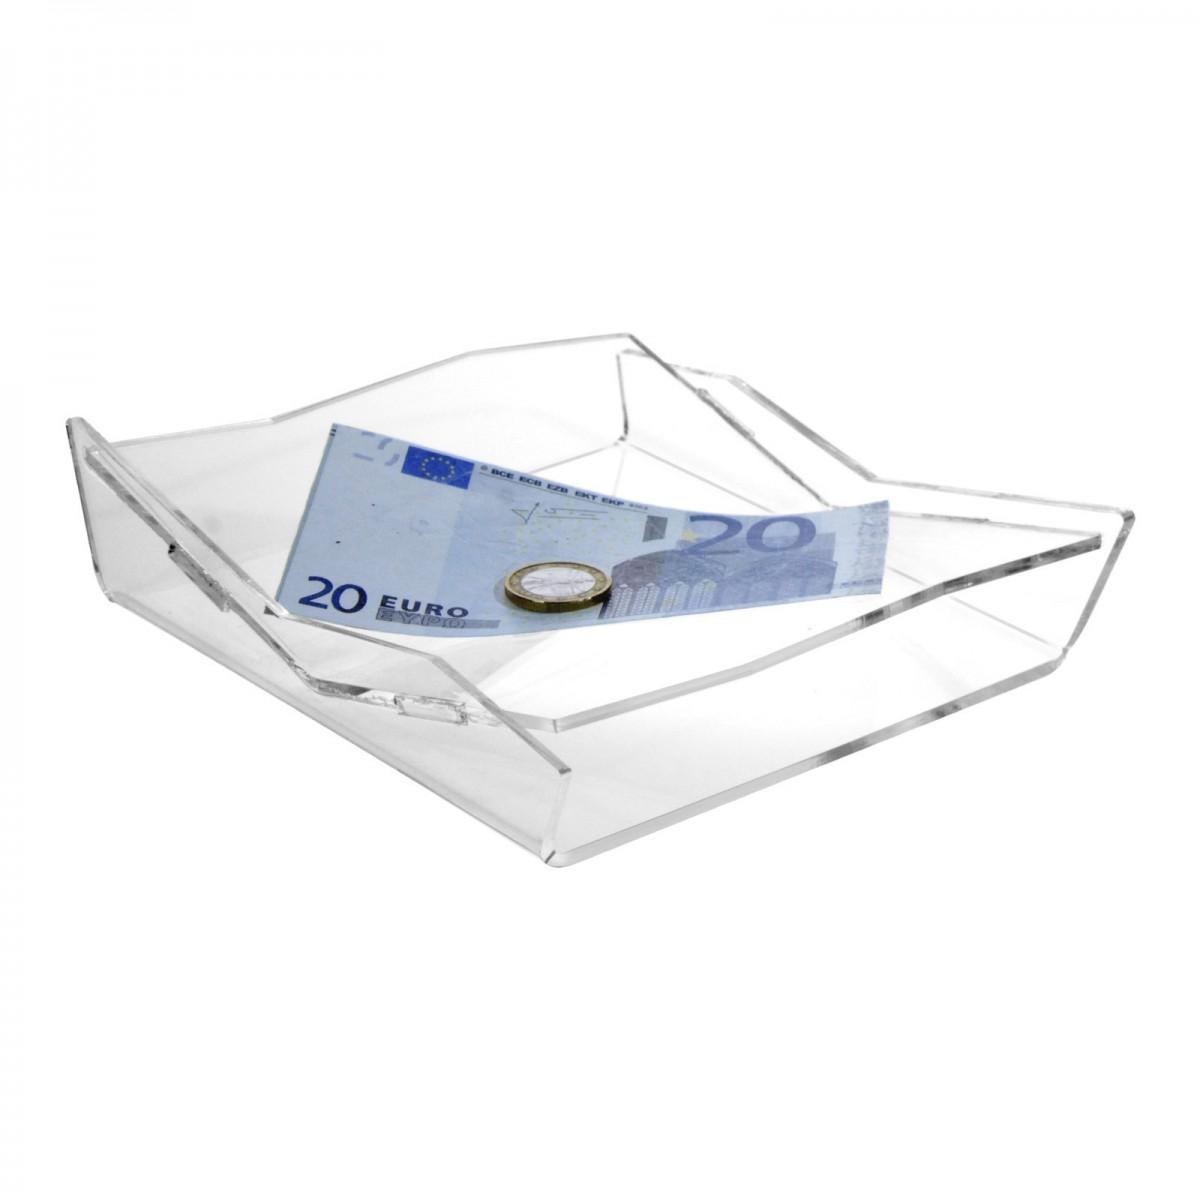 E-418 RR - Rendi resto in plexiglass trasparente